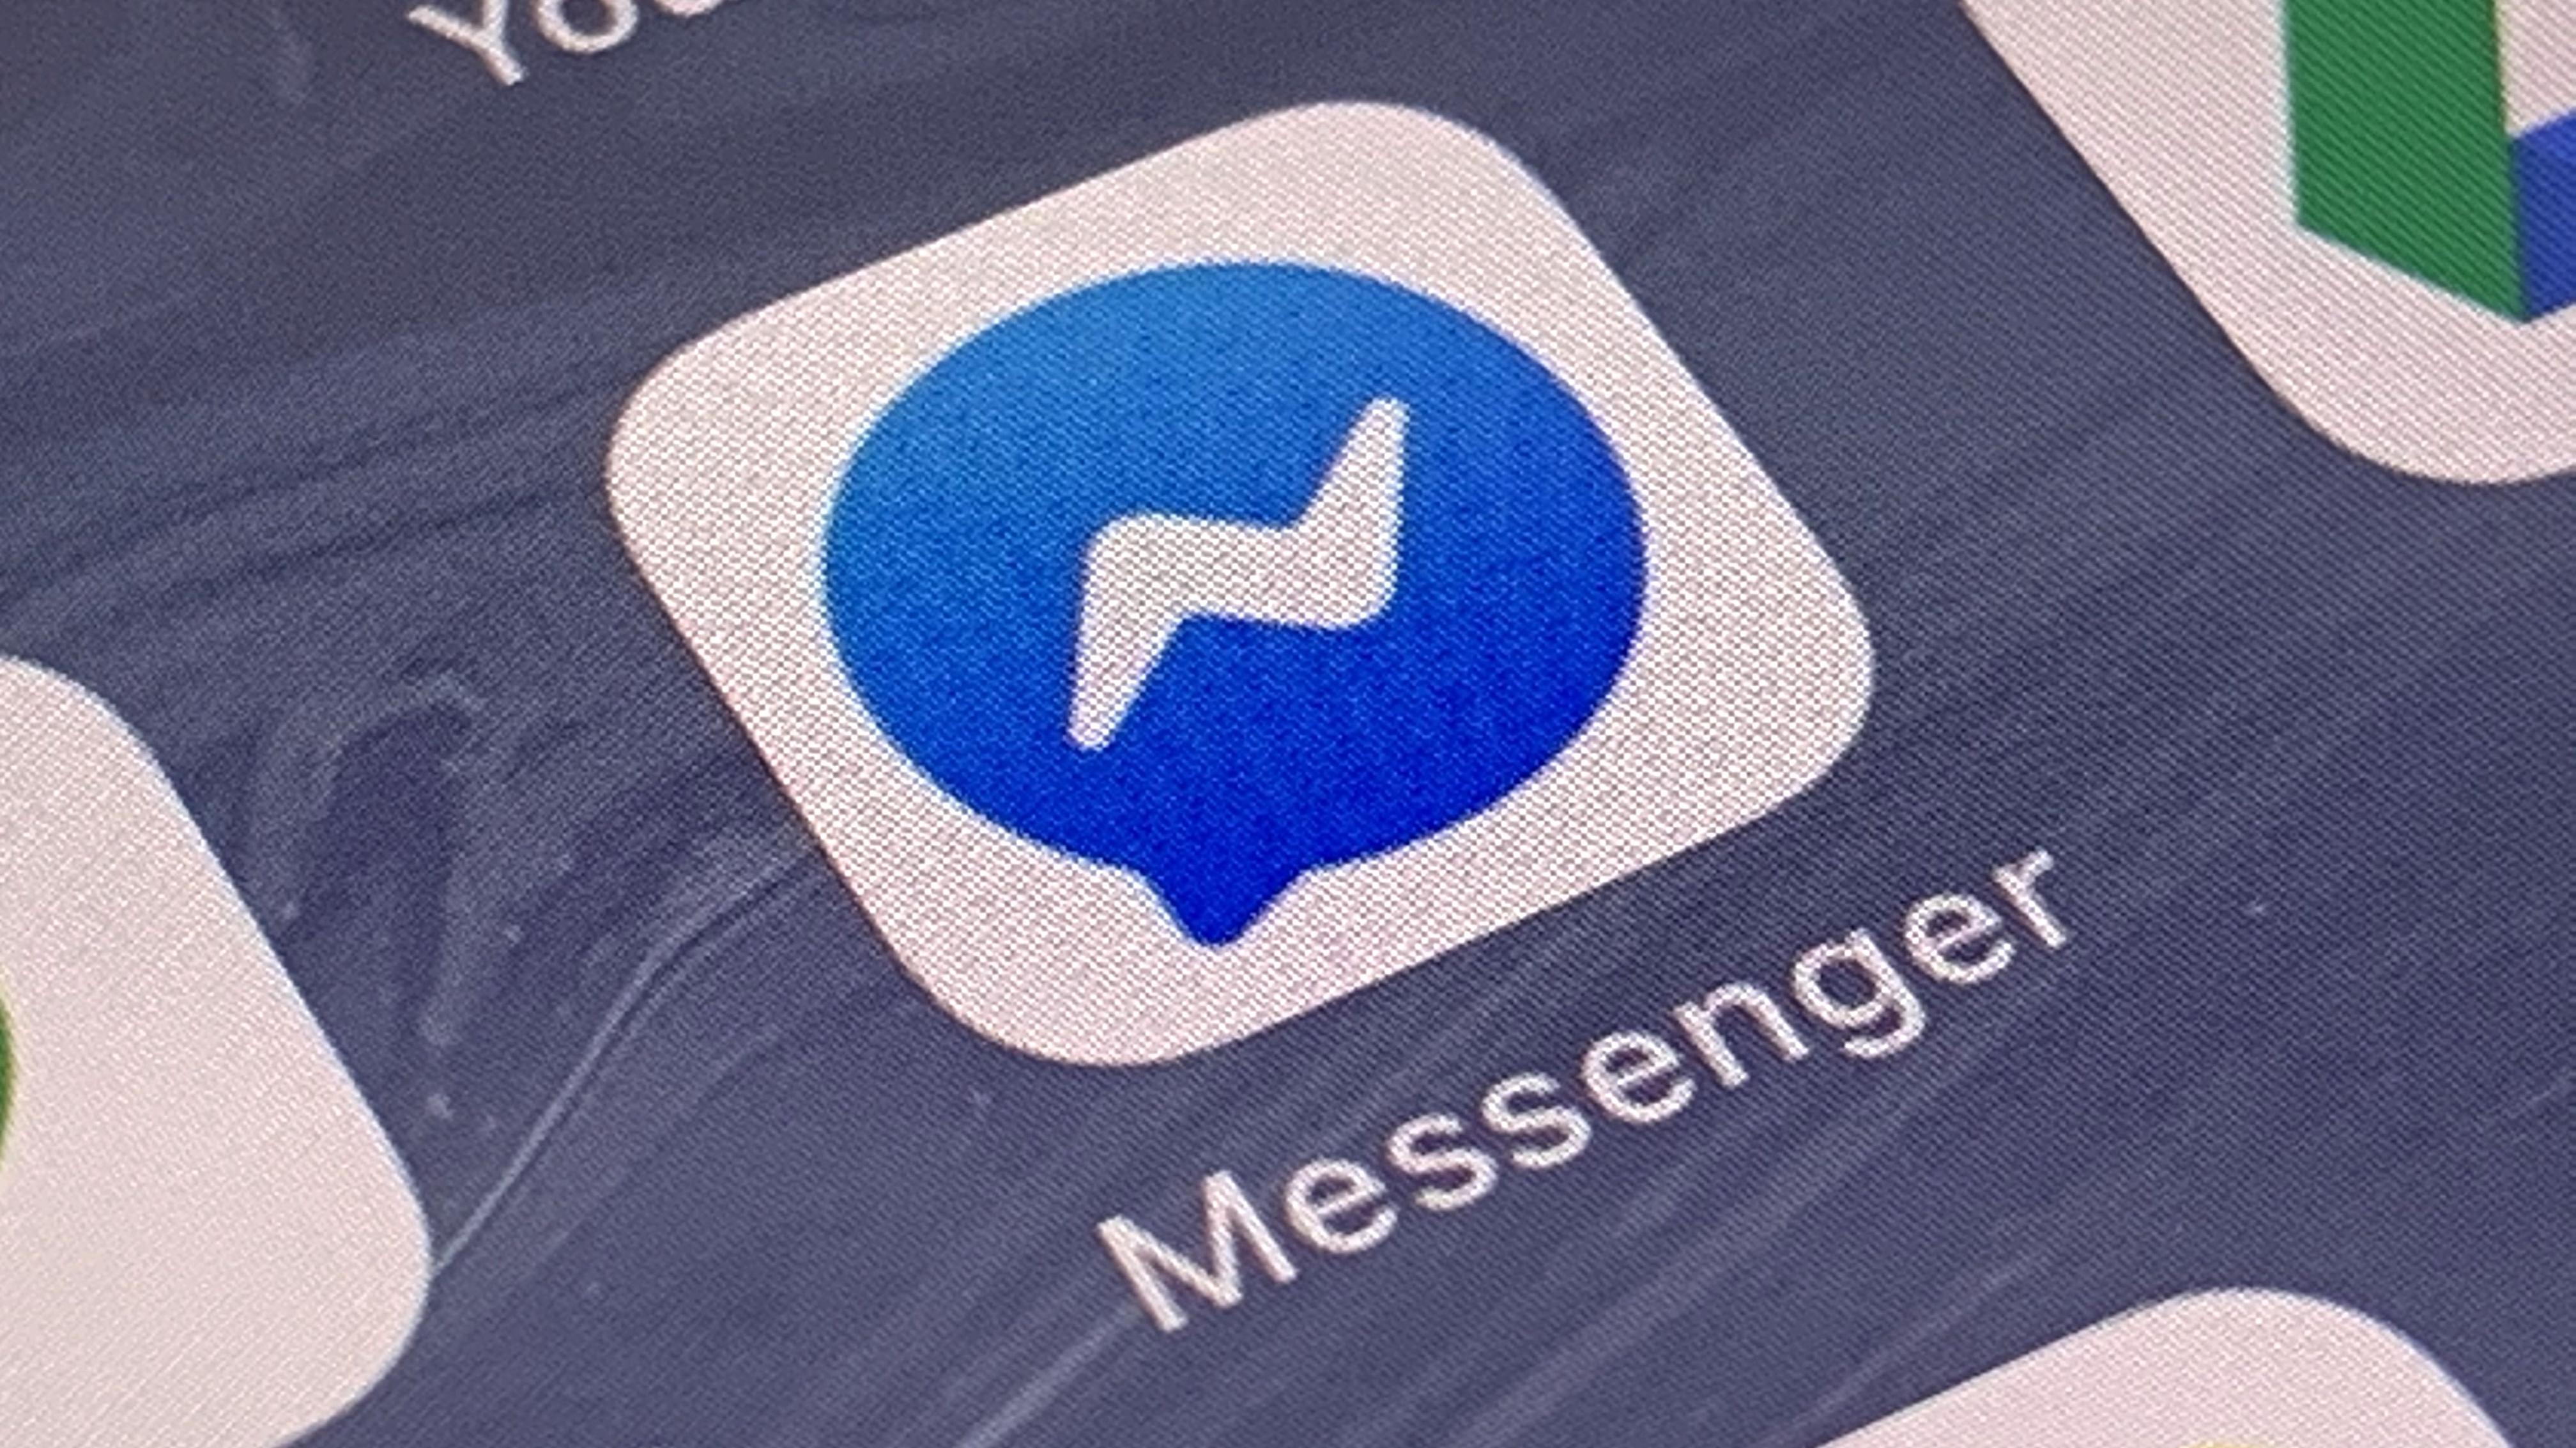 Gesendet aber nachricht nicht zugestellt facebook Facebook Nachricht